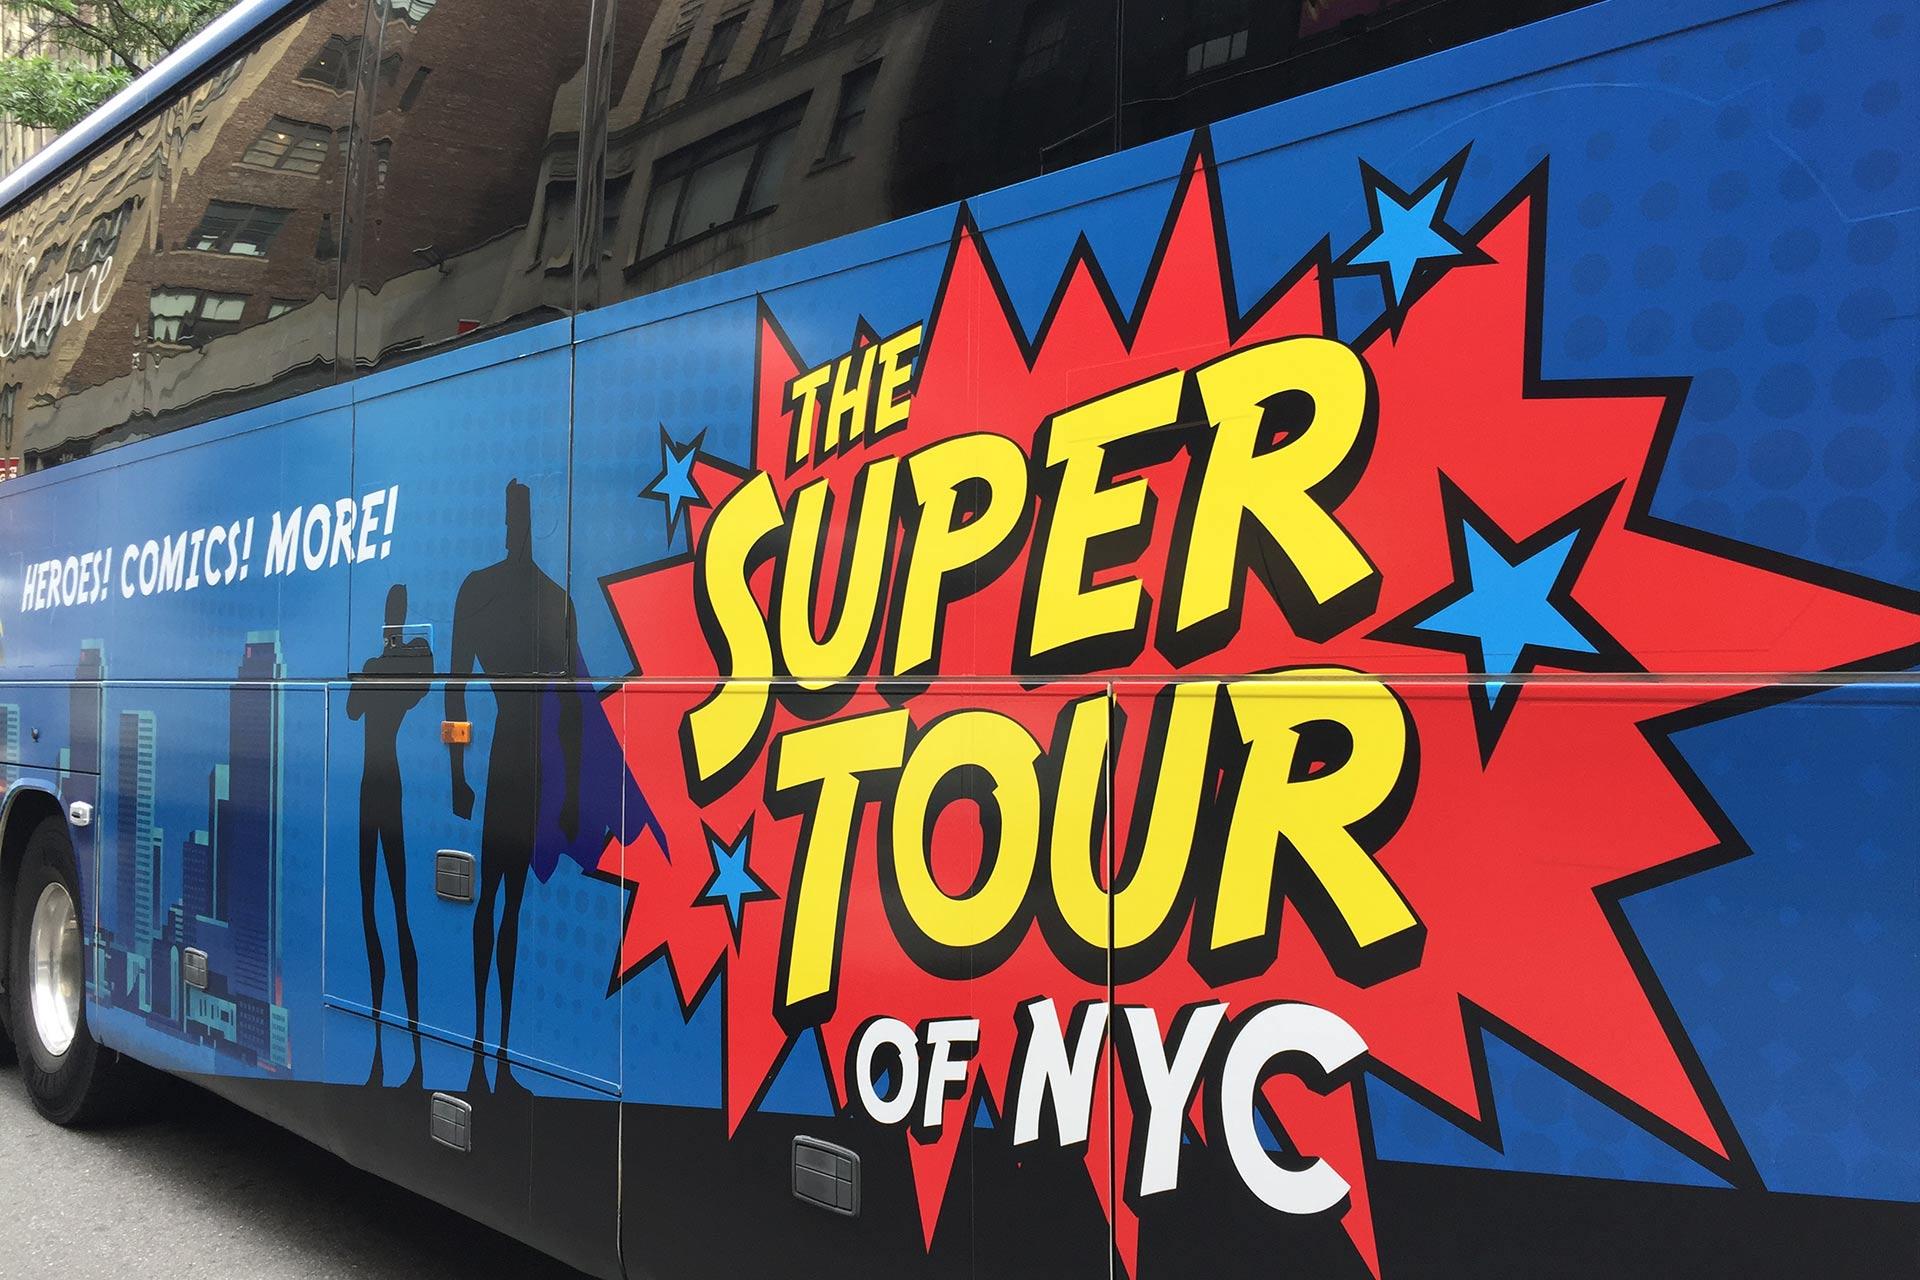 Superhero Movie Tour of New York